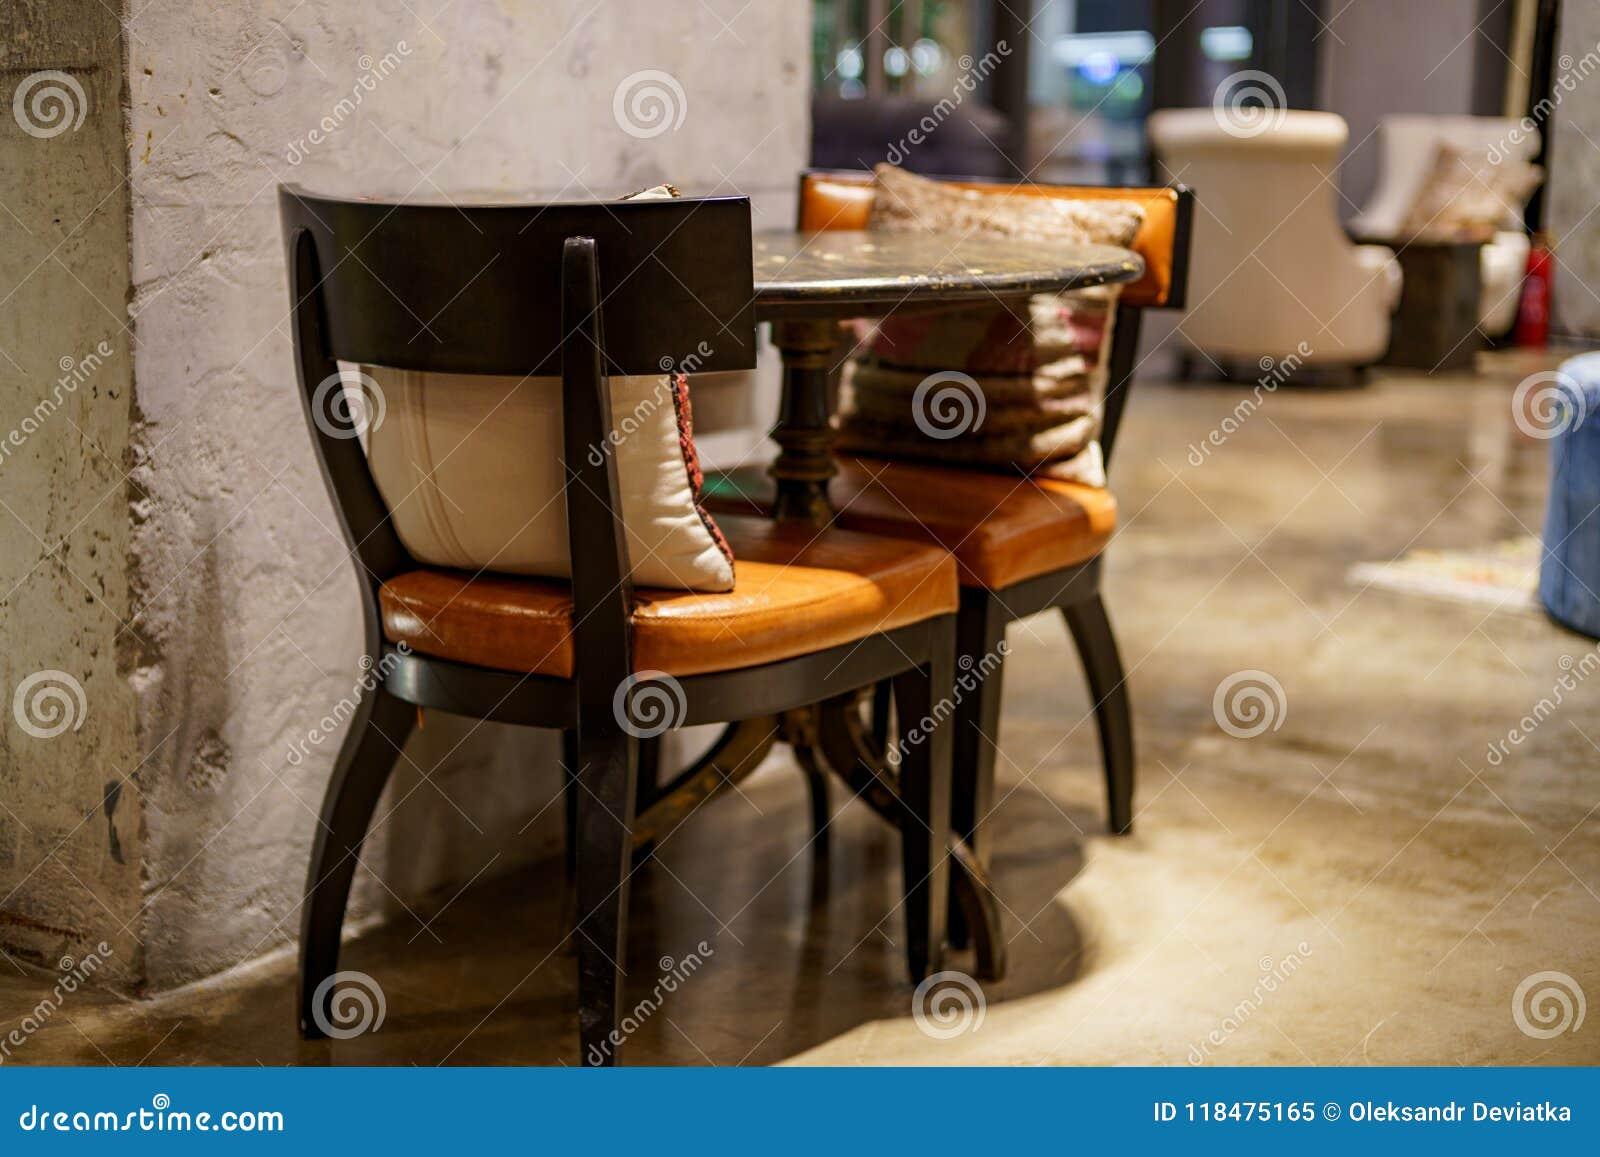 Kussens Voor Stoelen : Kunst binnenlandse plaats met stoelen lijsten en kussens binnen